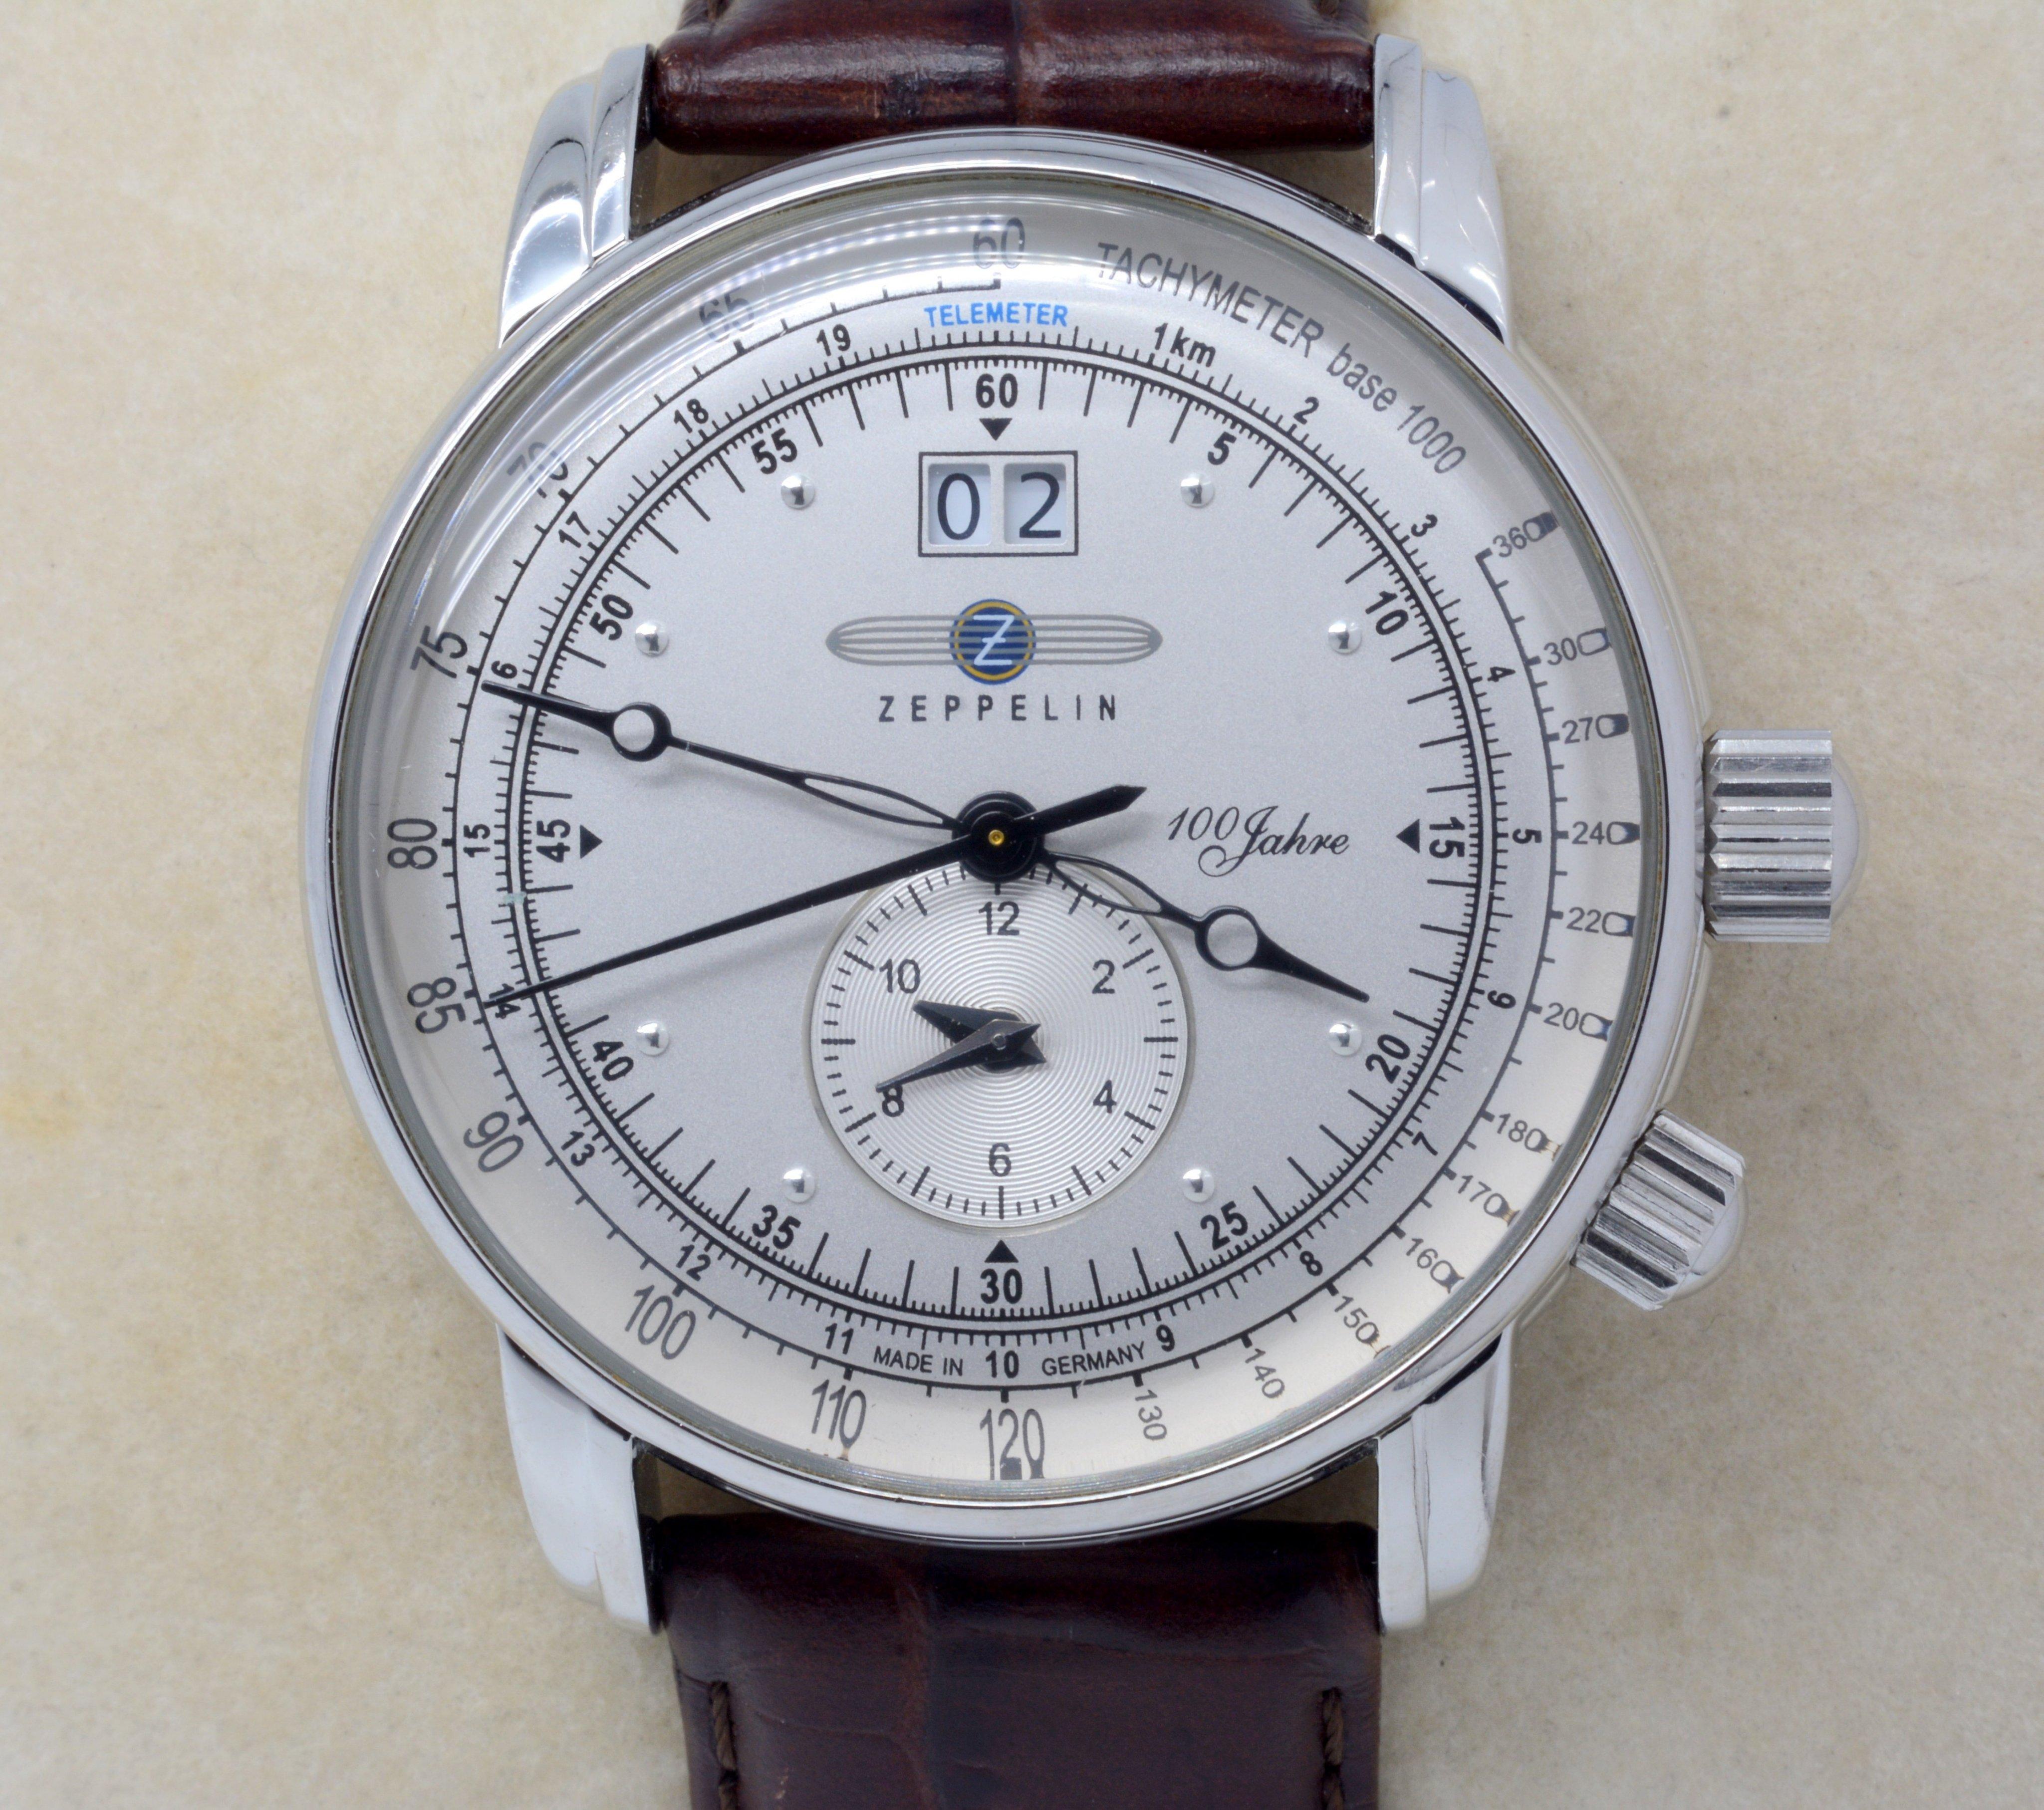 《寶萊精品》ZEPPELIN 齊柏林銀灰白男子錶